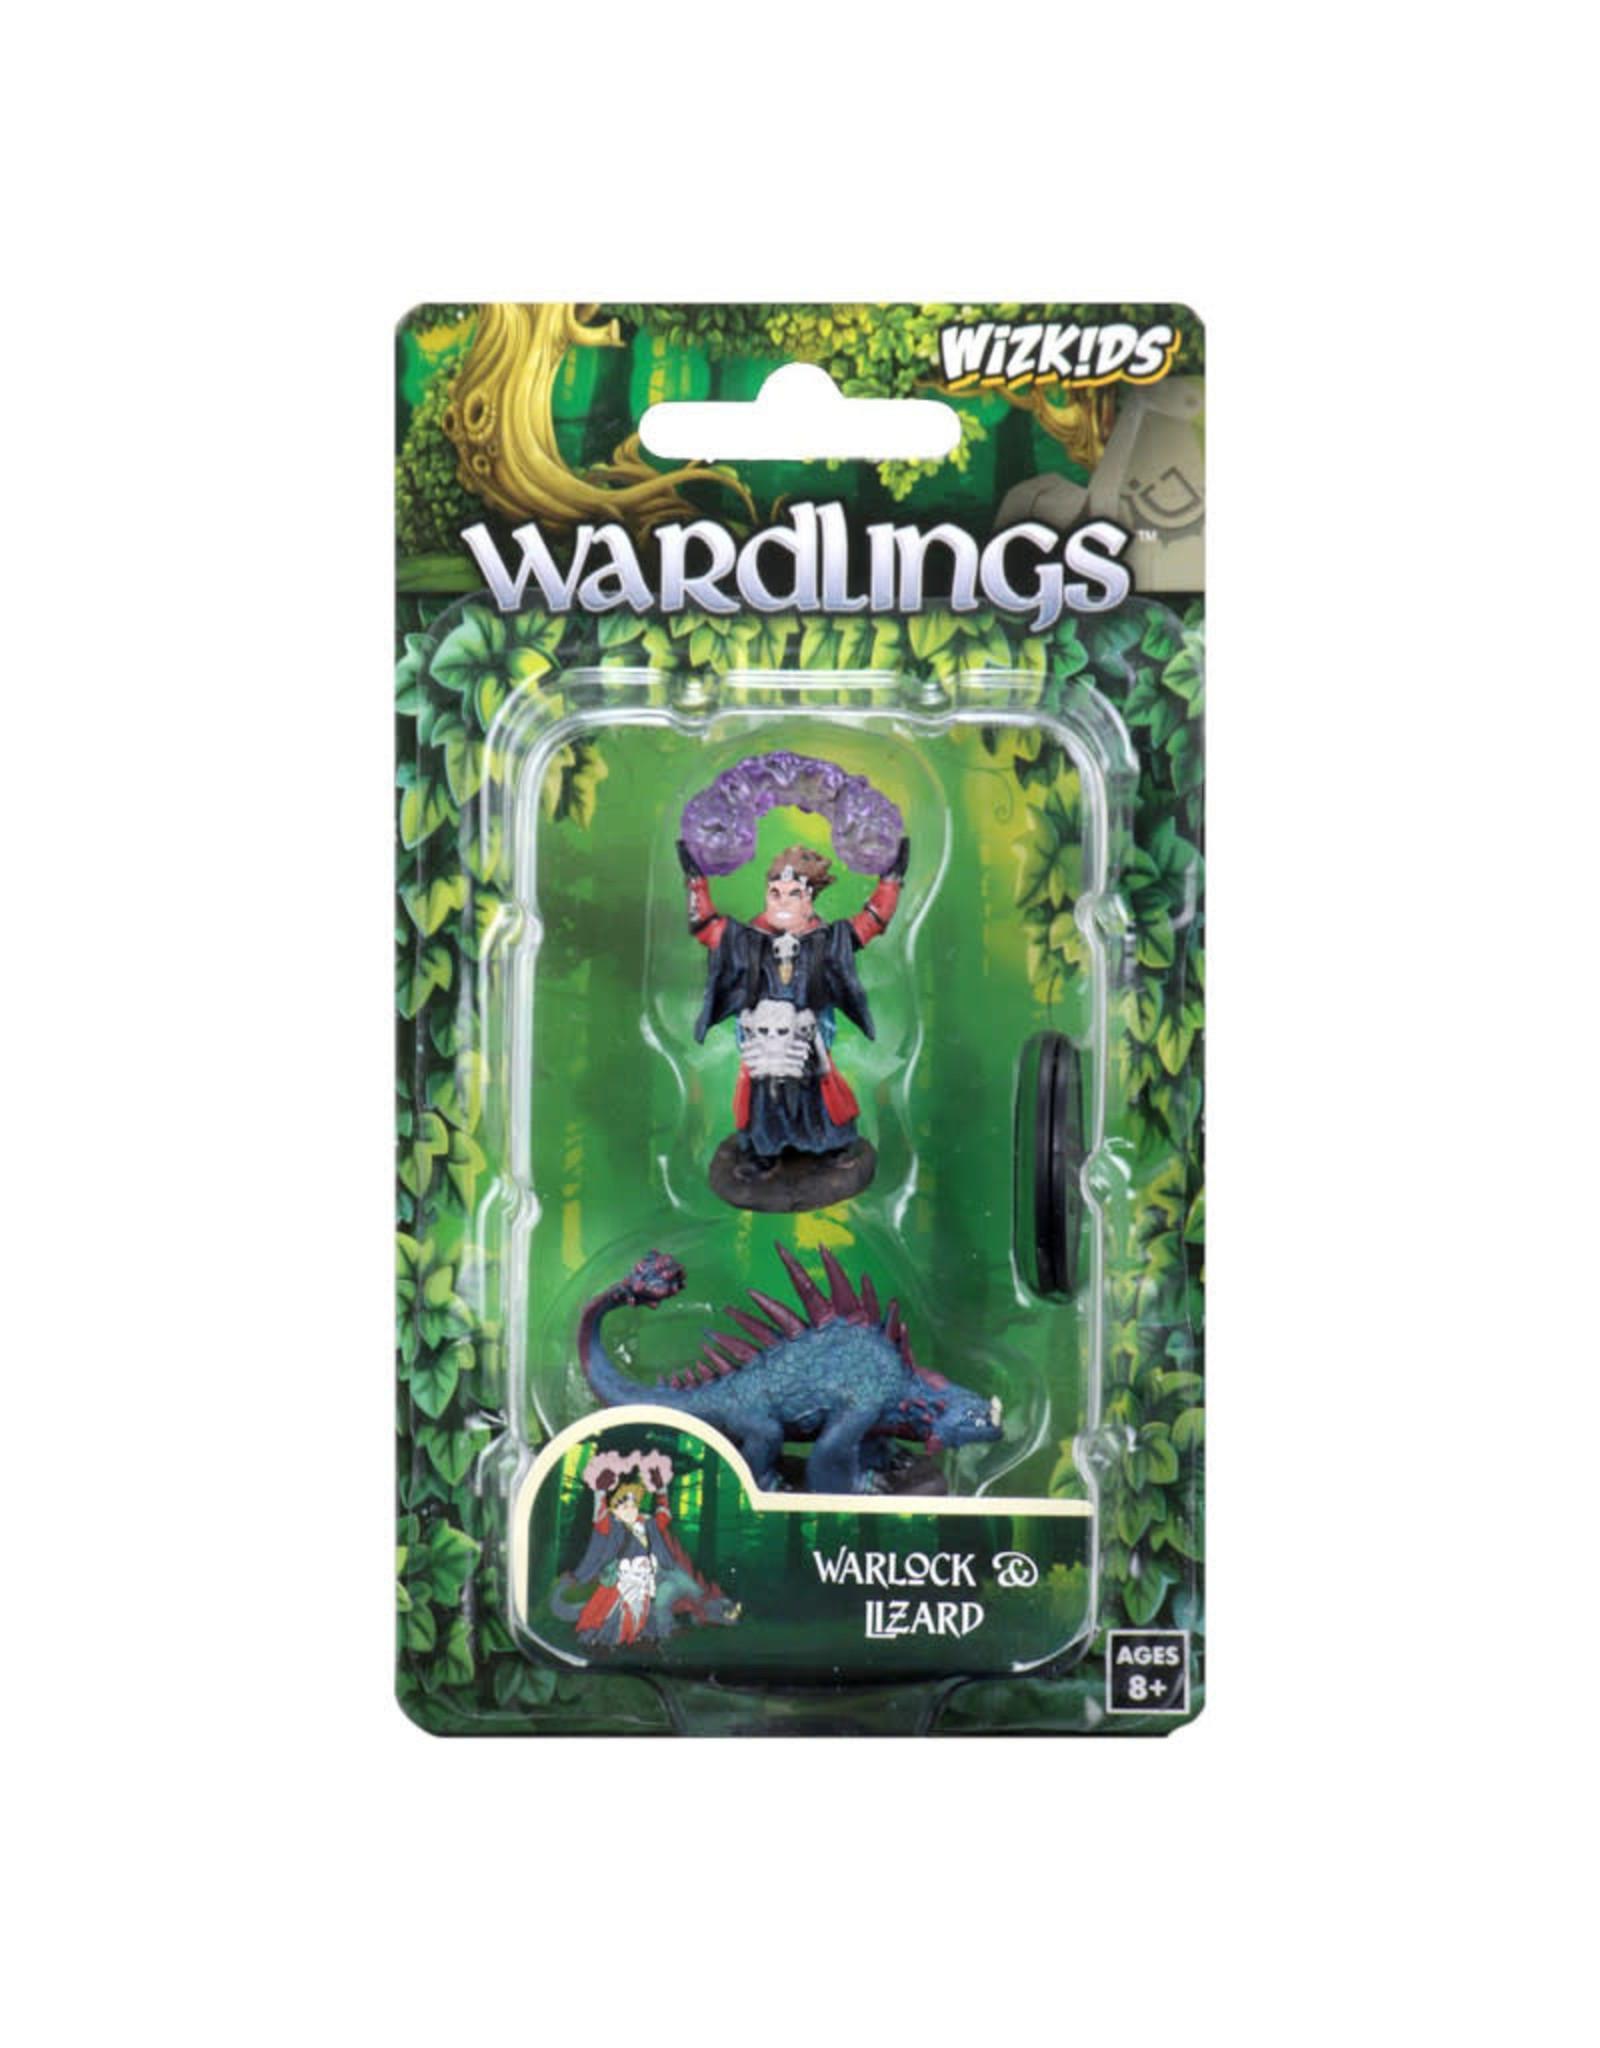 Wizkids Wardlings: Boy Warlock and Lizard